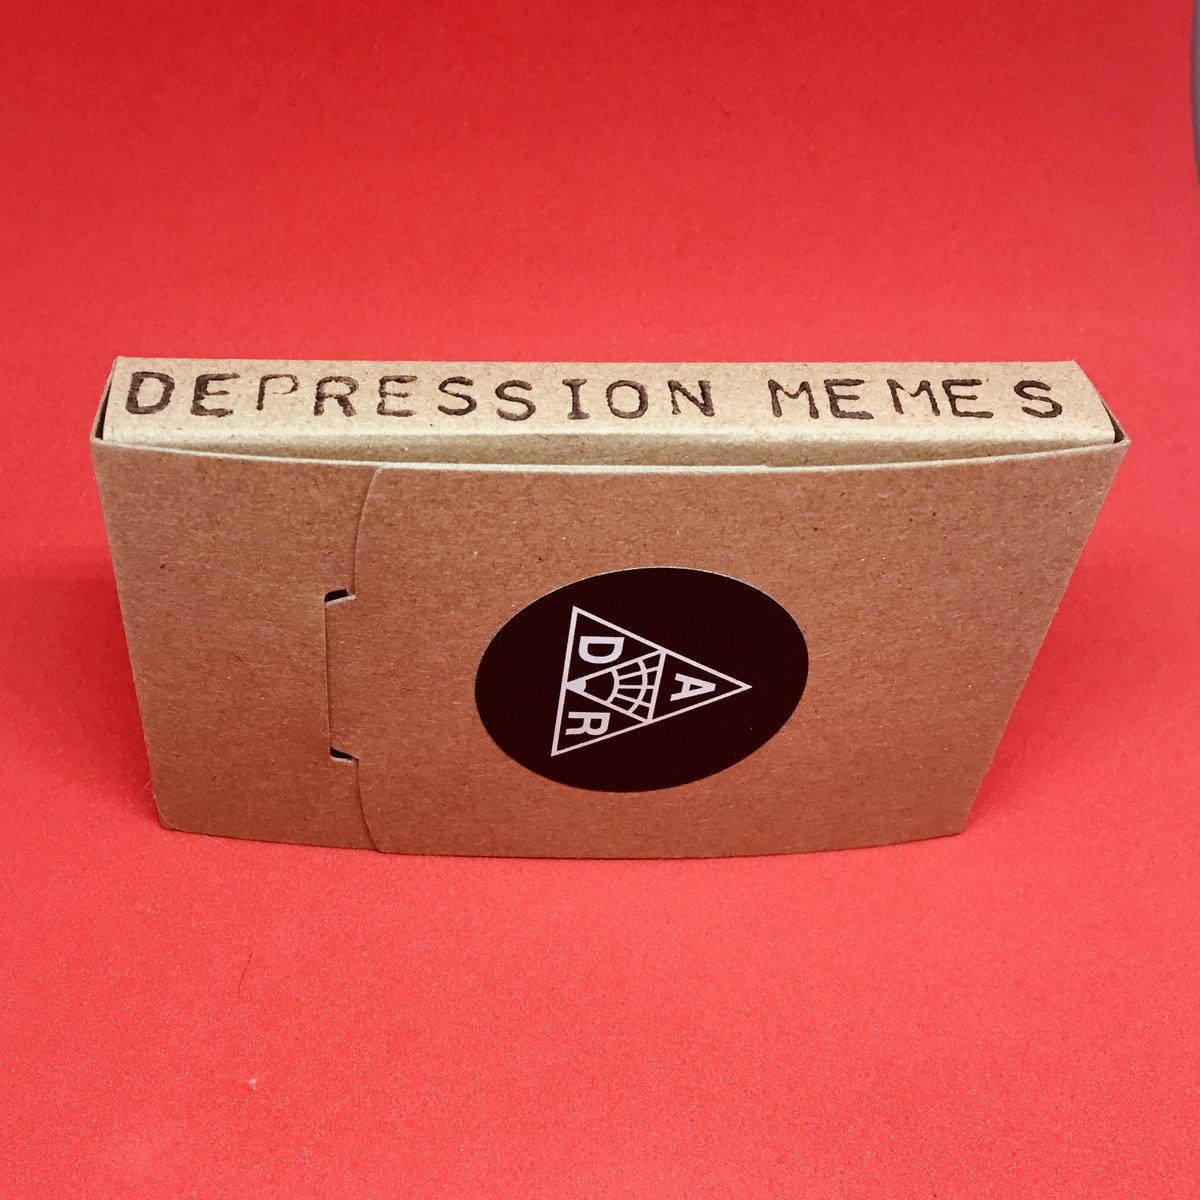 Depression Meme | Arachnidiscs